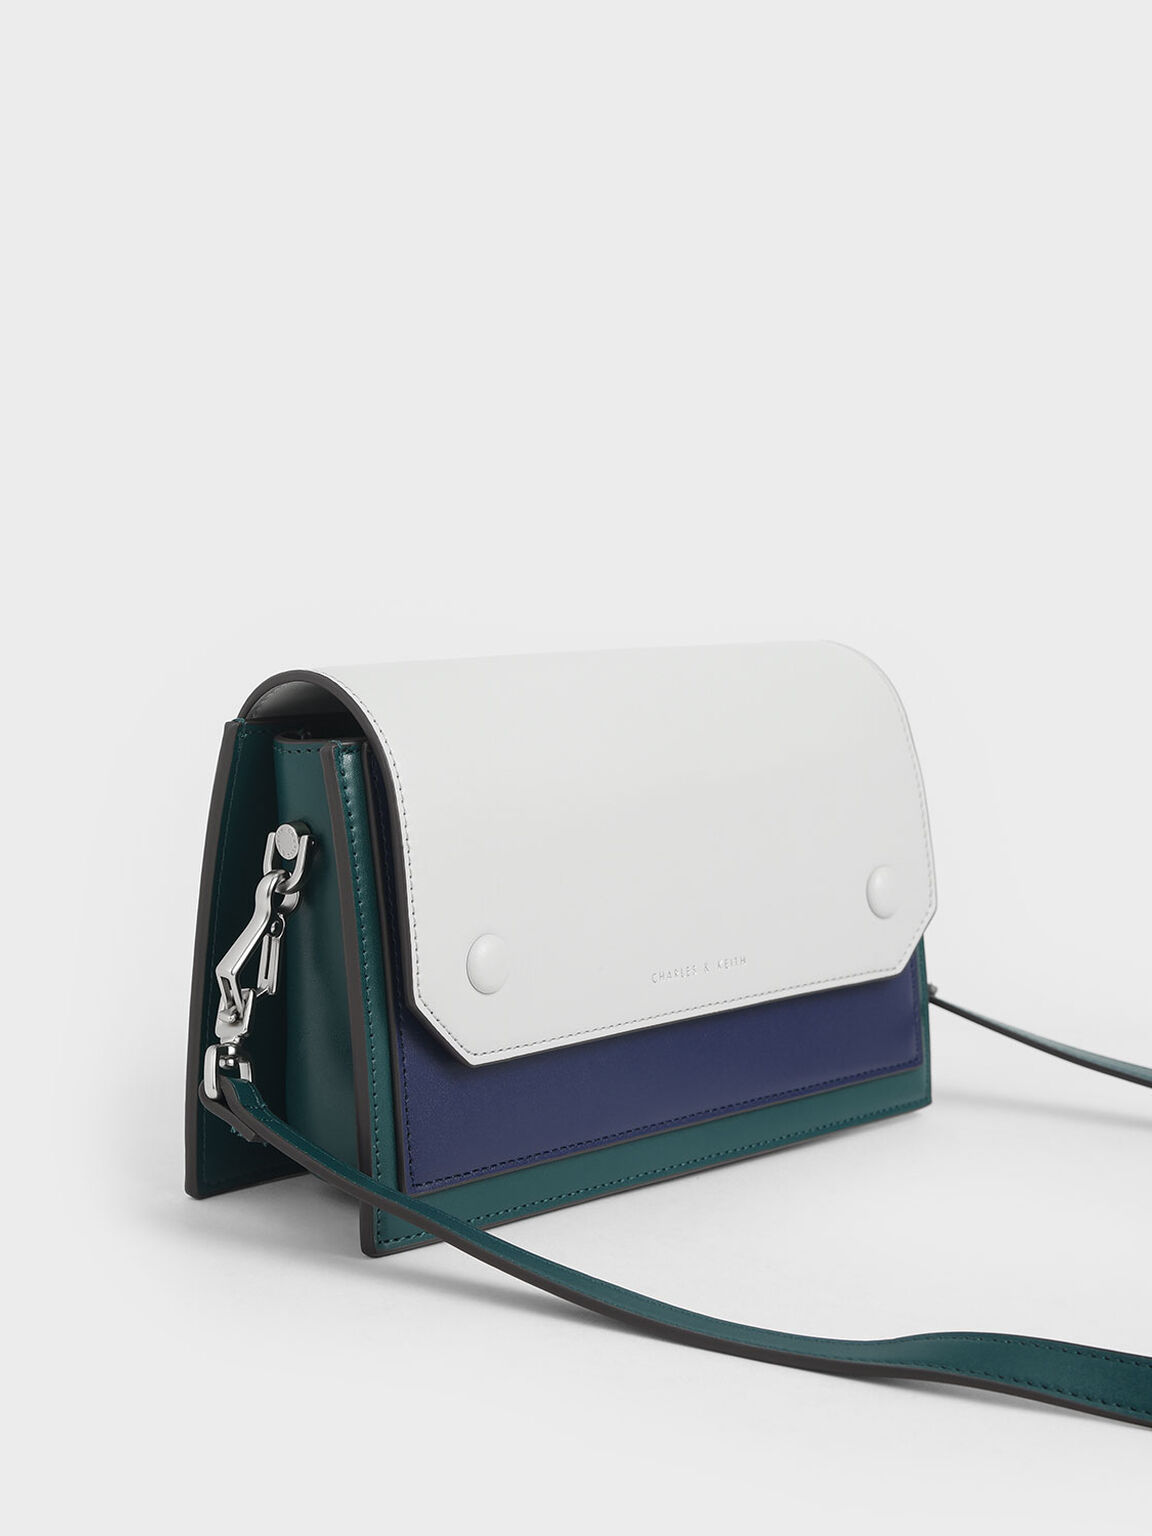 簡約拼接斜背包, 綠色, hi-res